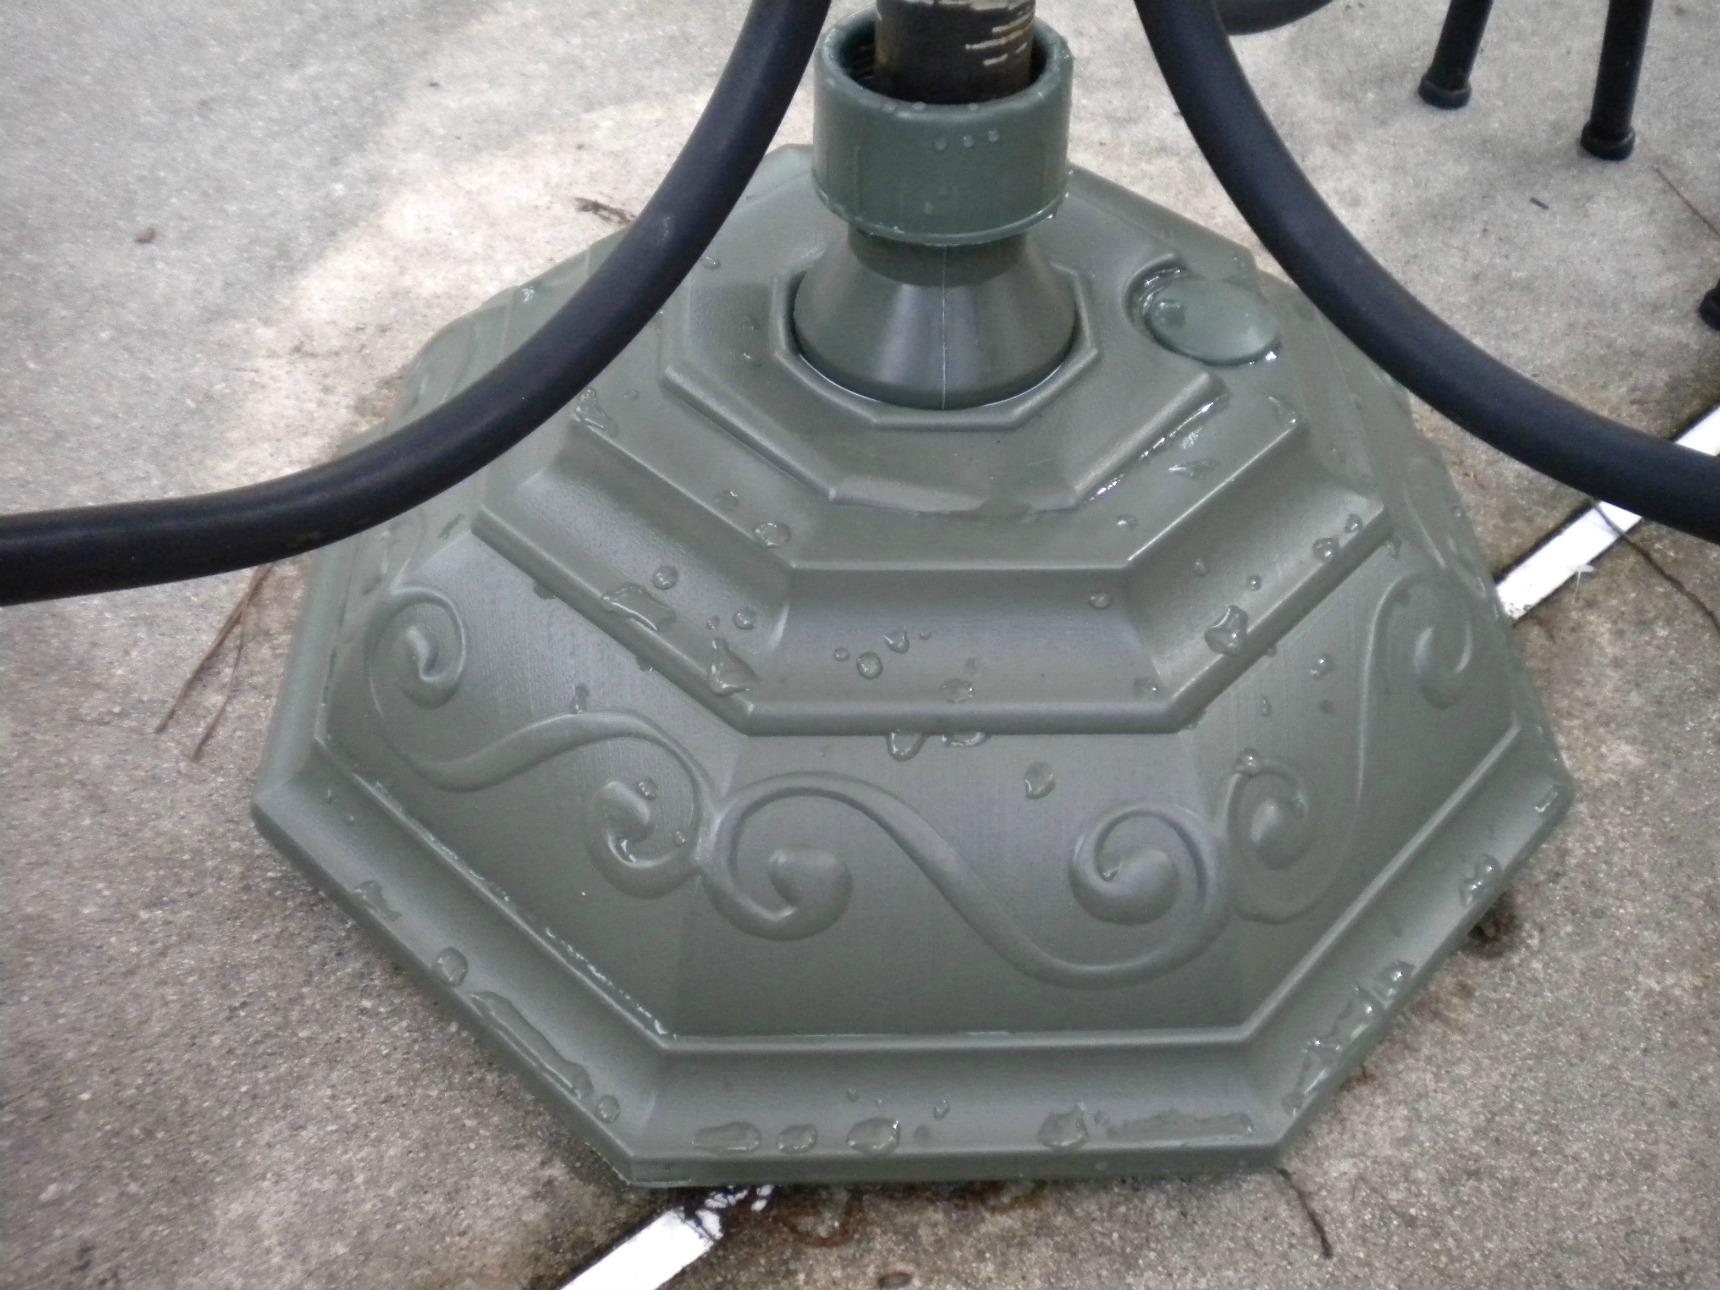 patio umbrella stands